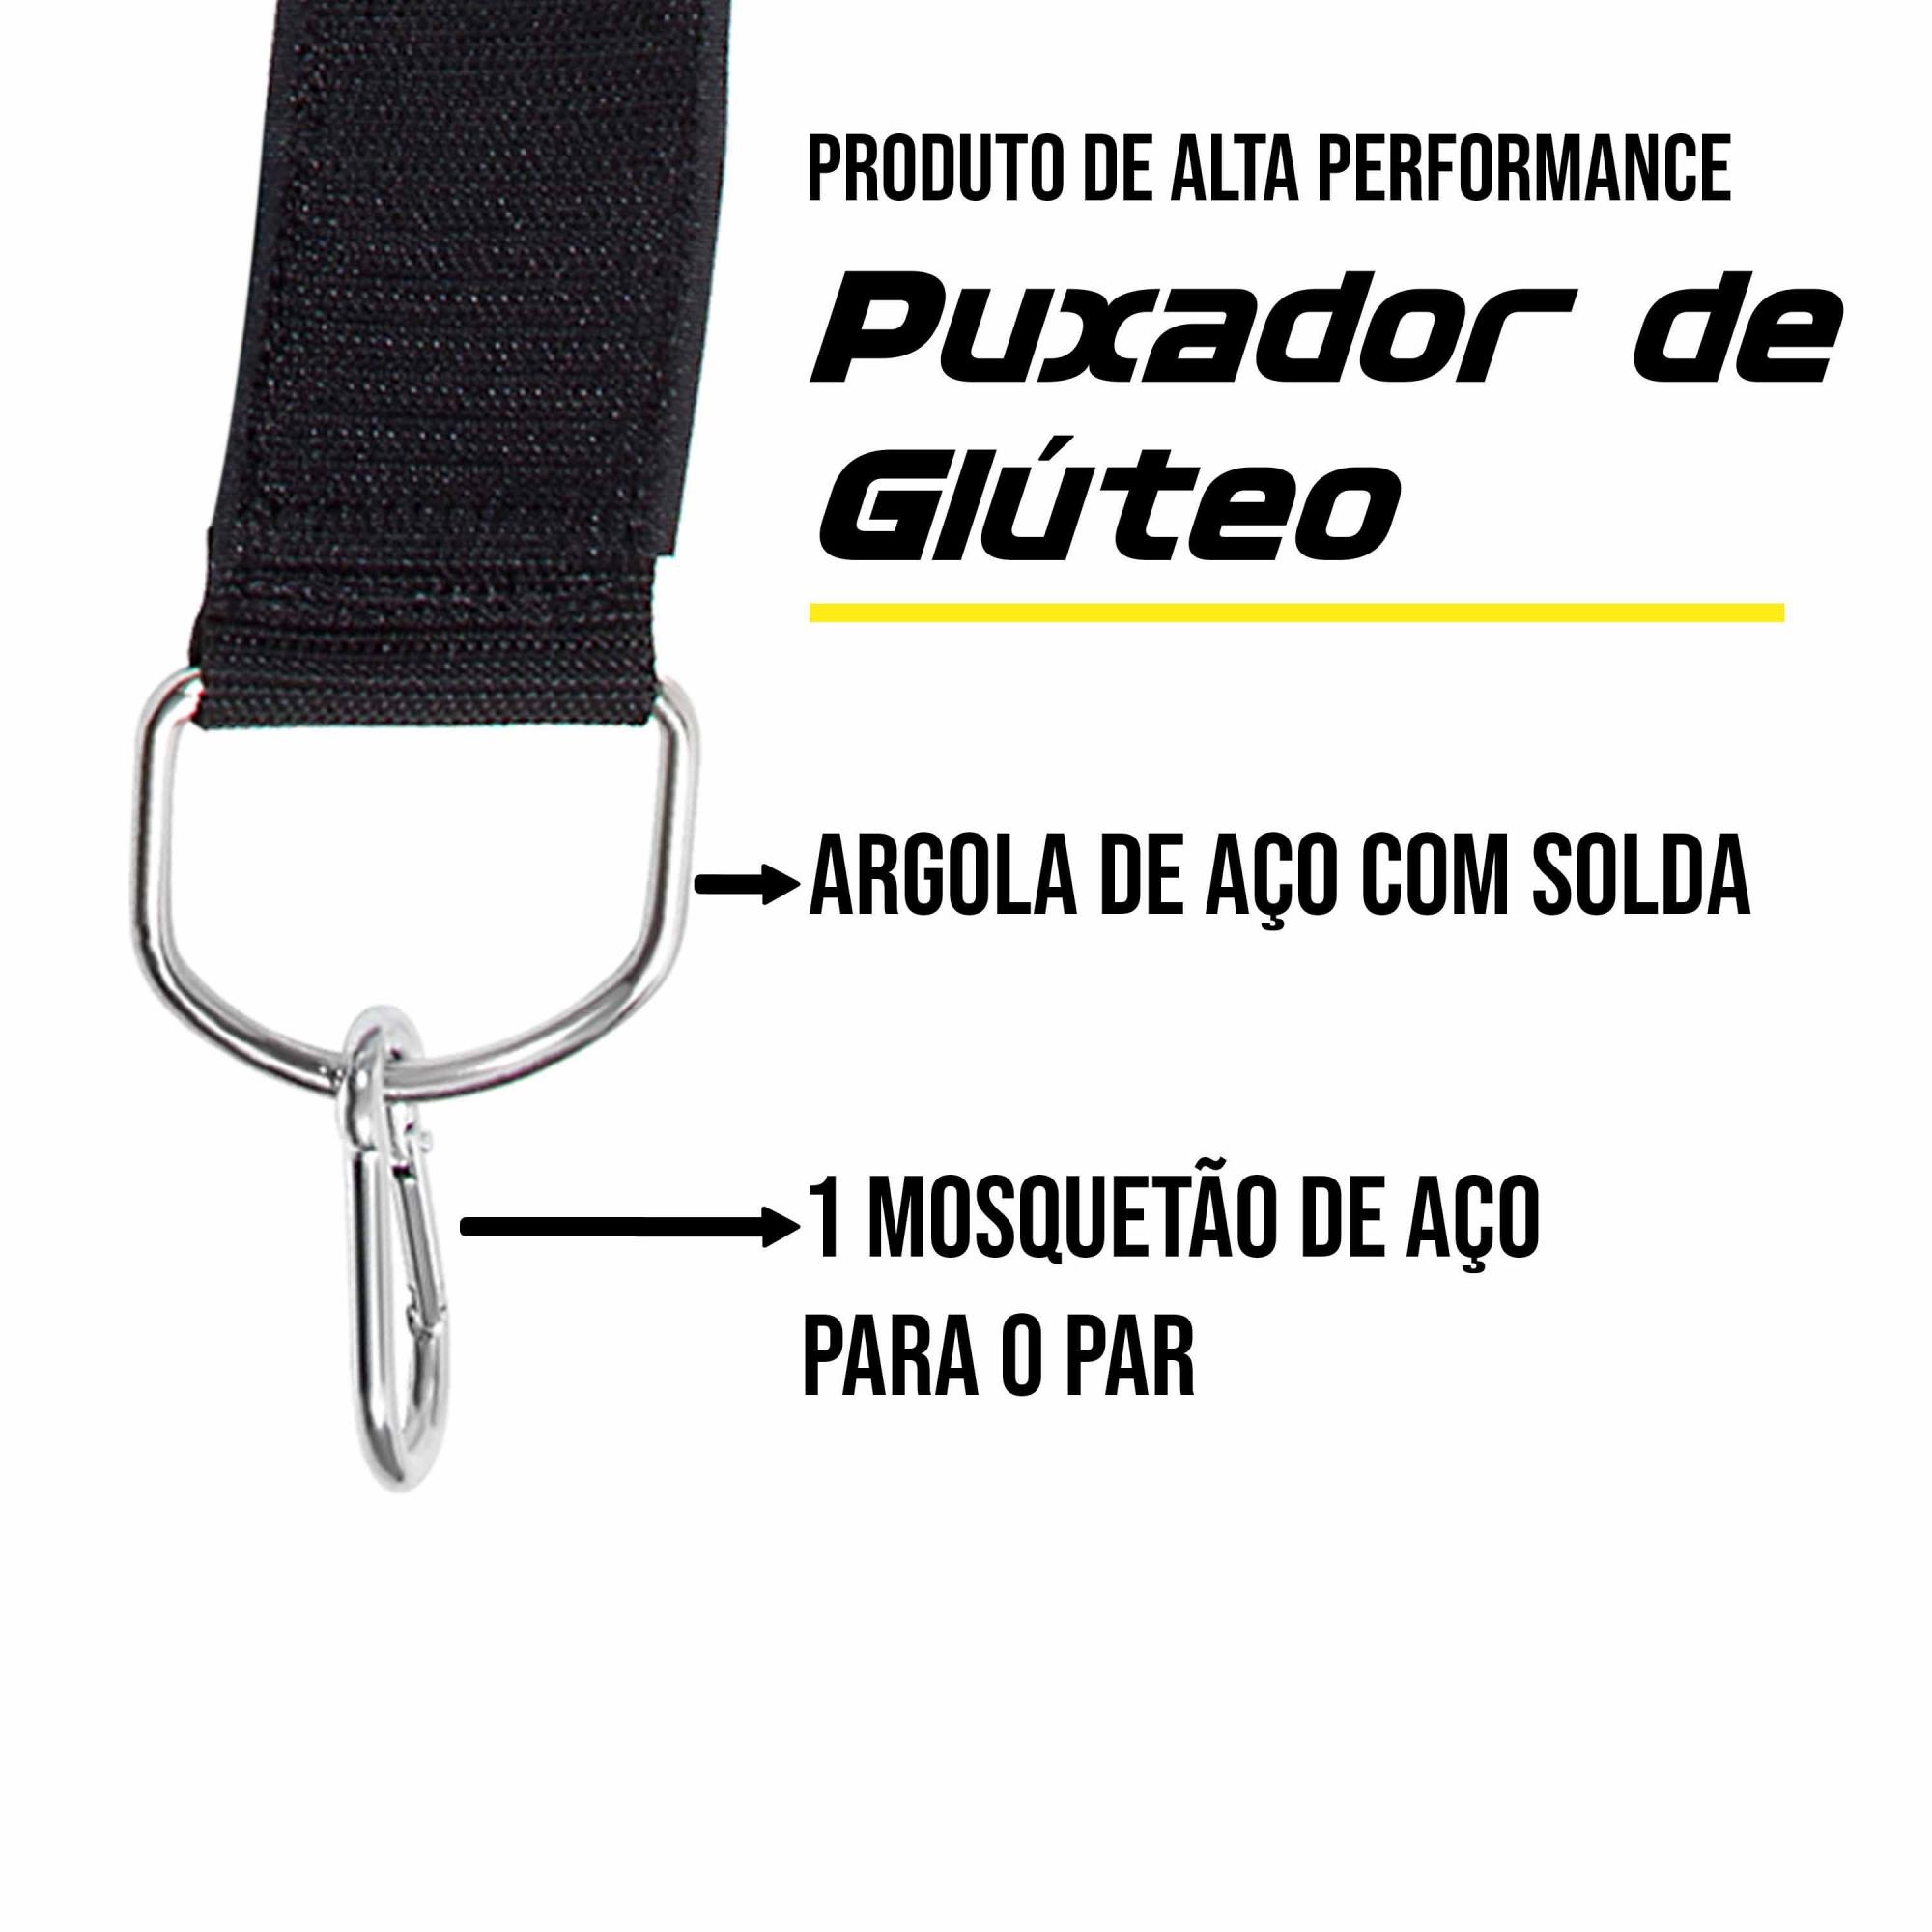 Puxador de Glúteo - Velcro